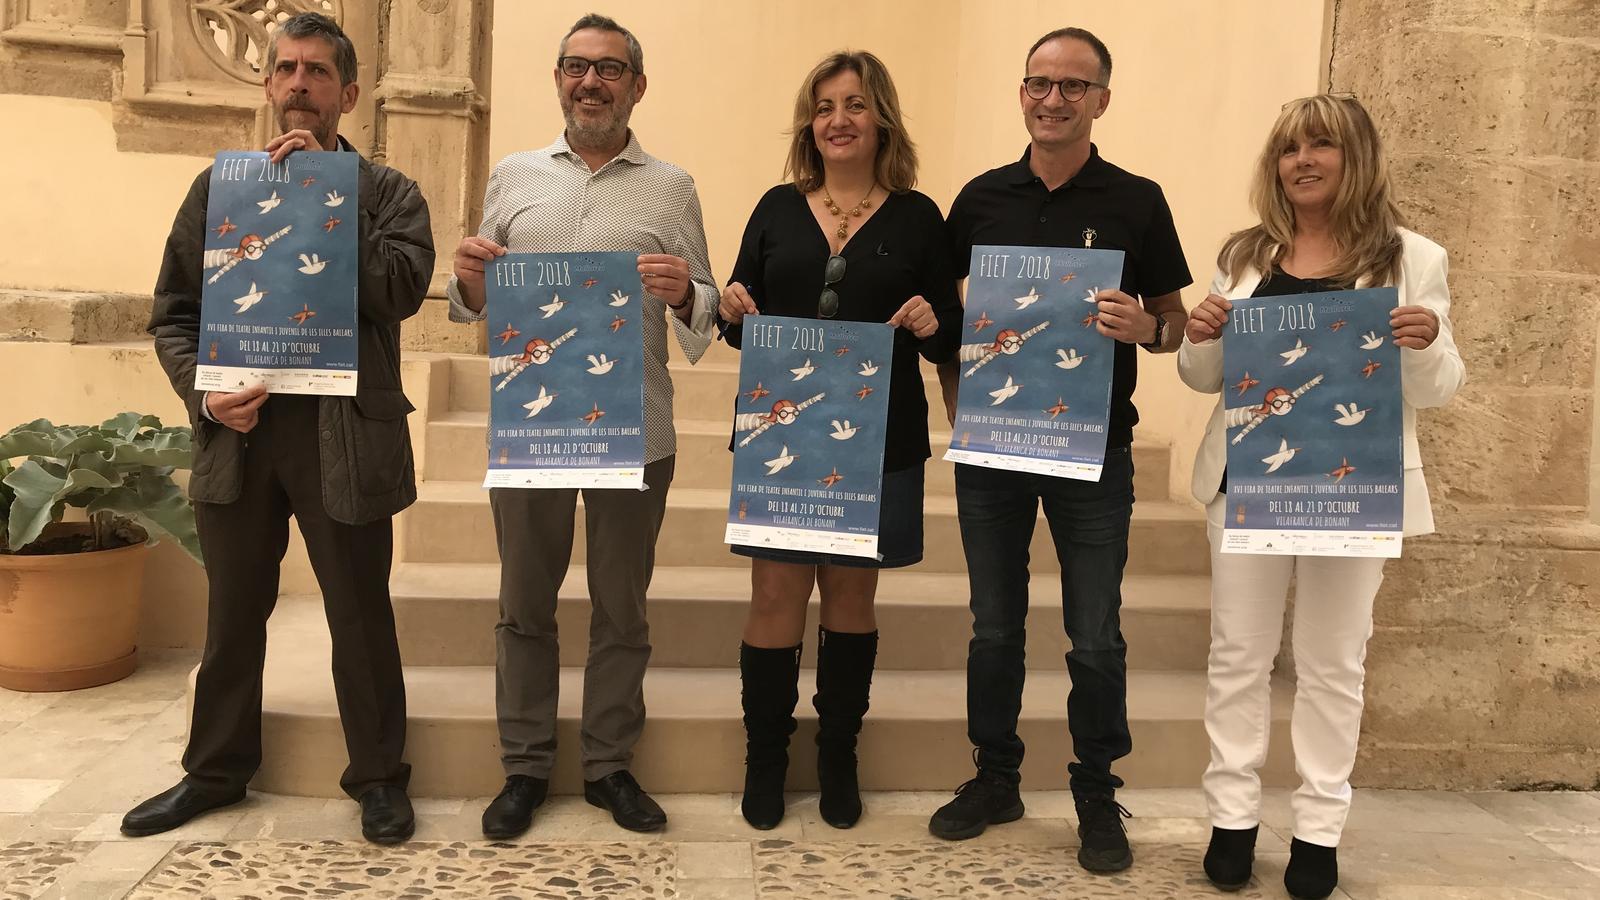 Francesc M. Rotger, Rafel Creus, Fanny Tur, Jaume Gomila i Catalina Bauzà han presentat la FIET 2018